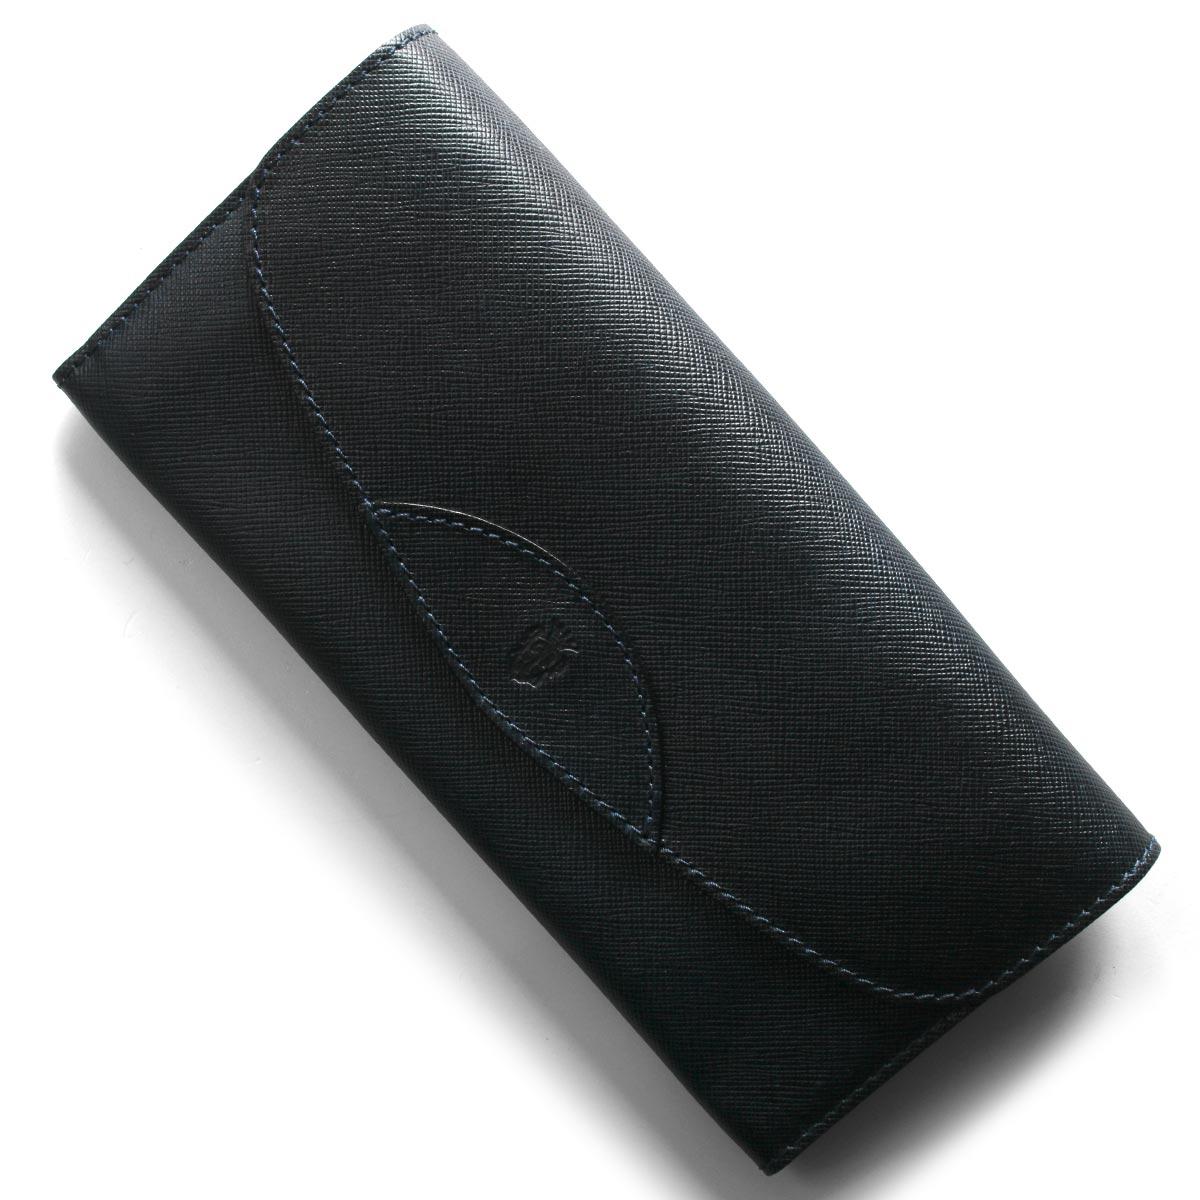 フェリージ 長財布 財布 メンズ ネイビーブルー 954 SI 0005 FELISI